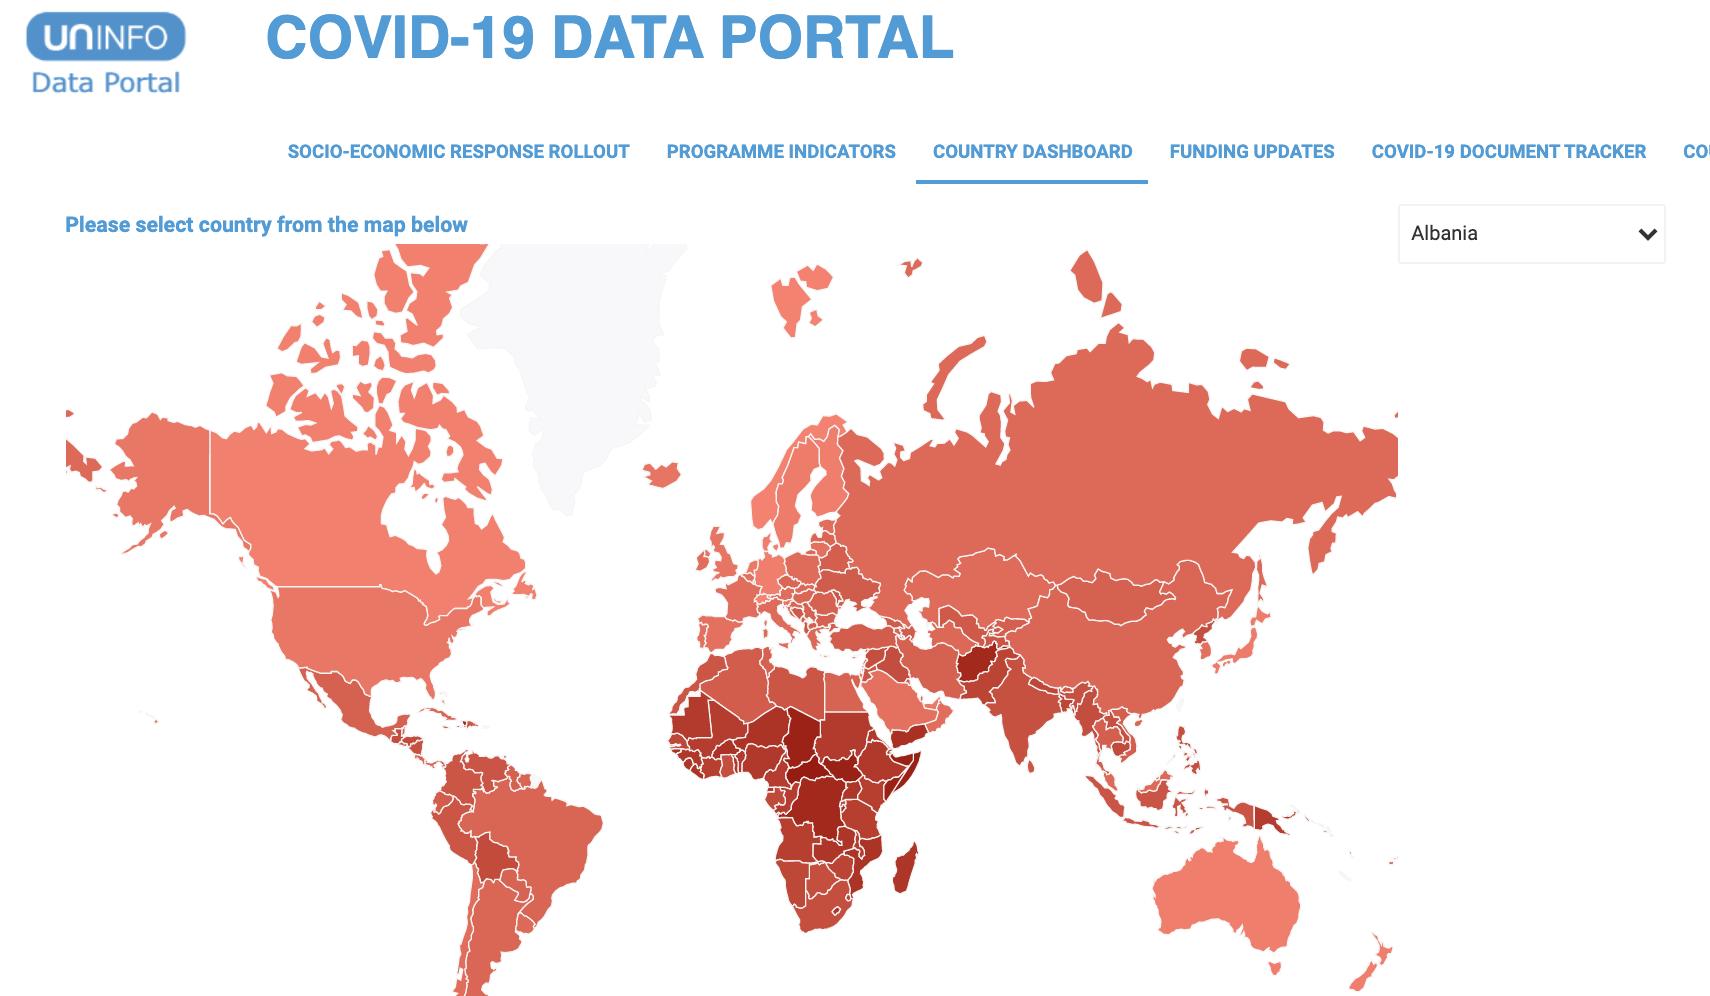 COVID-19 Data Portal